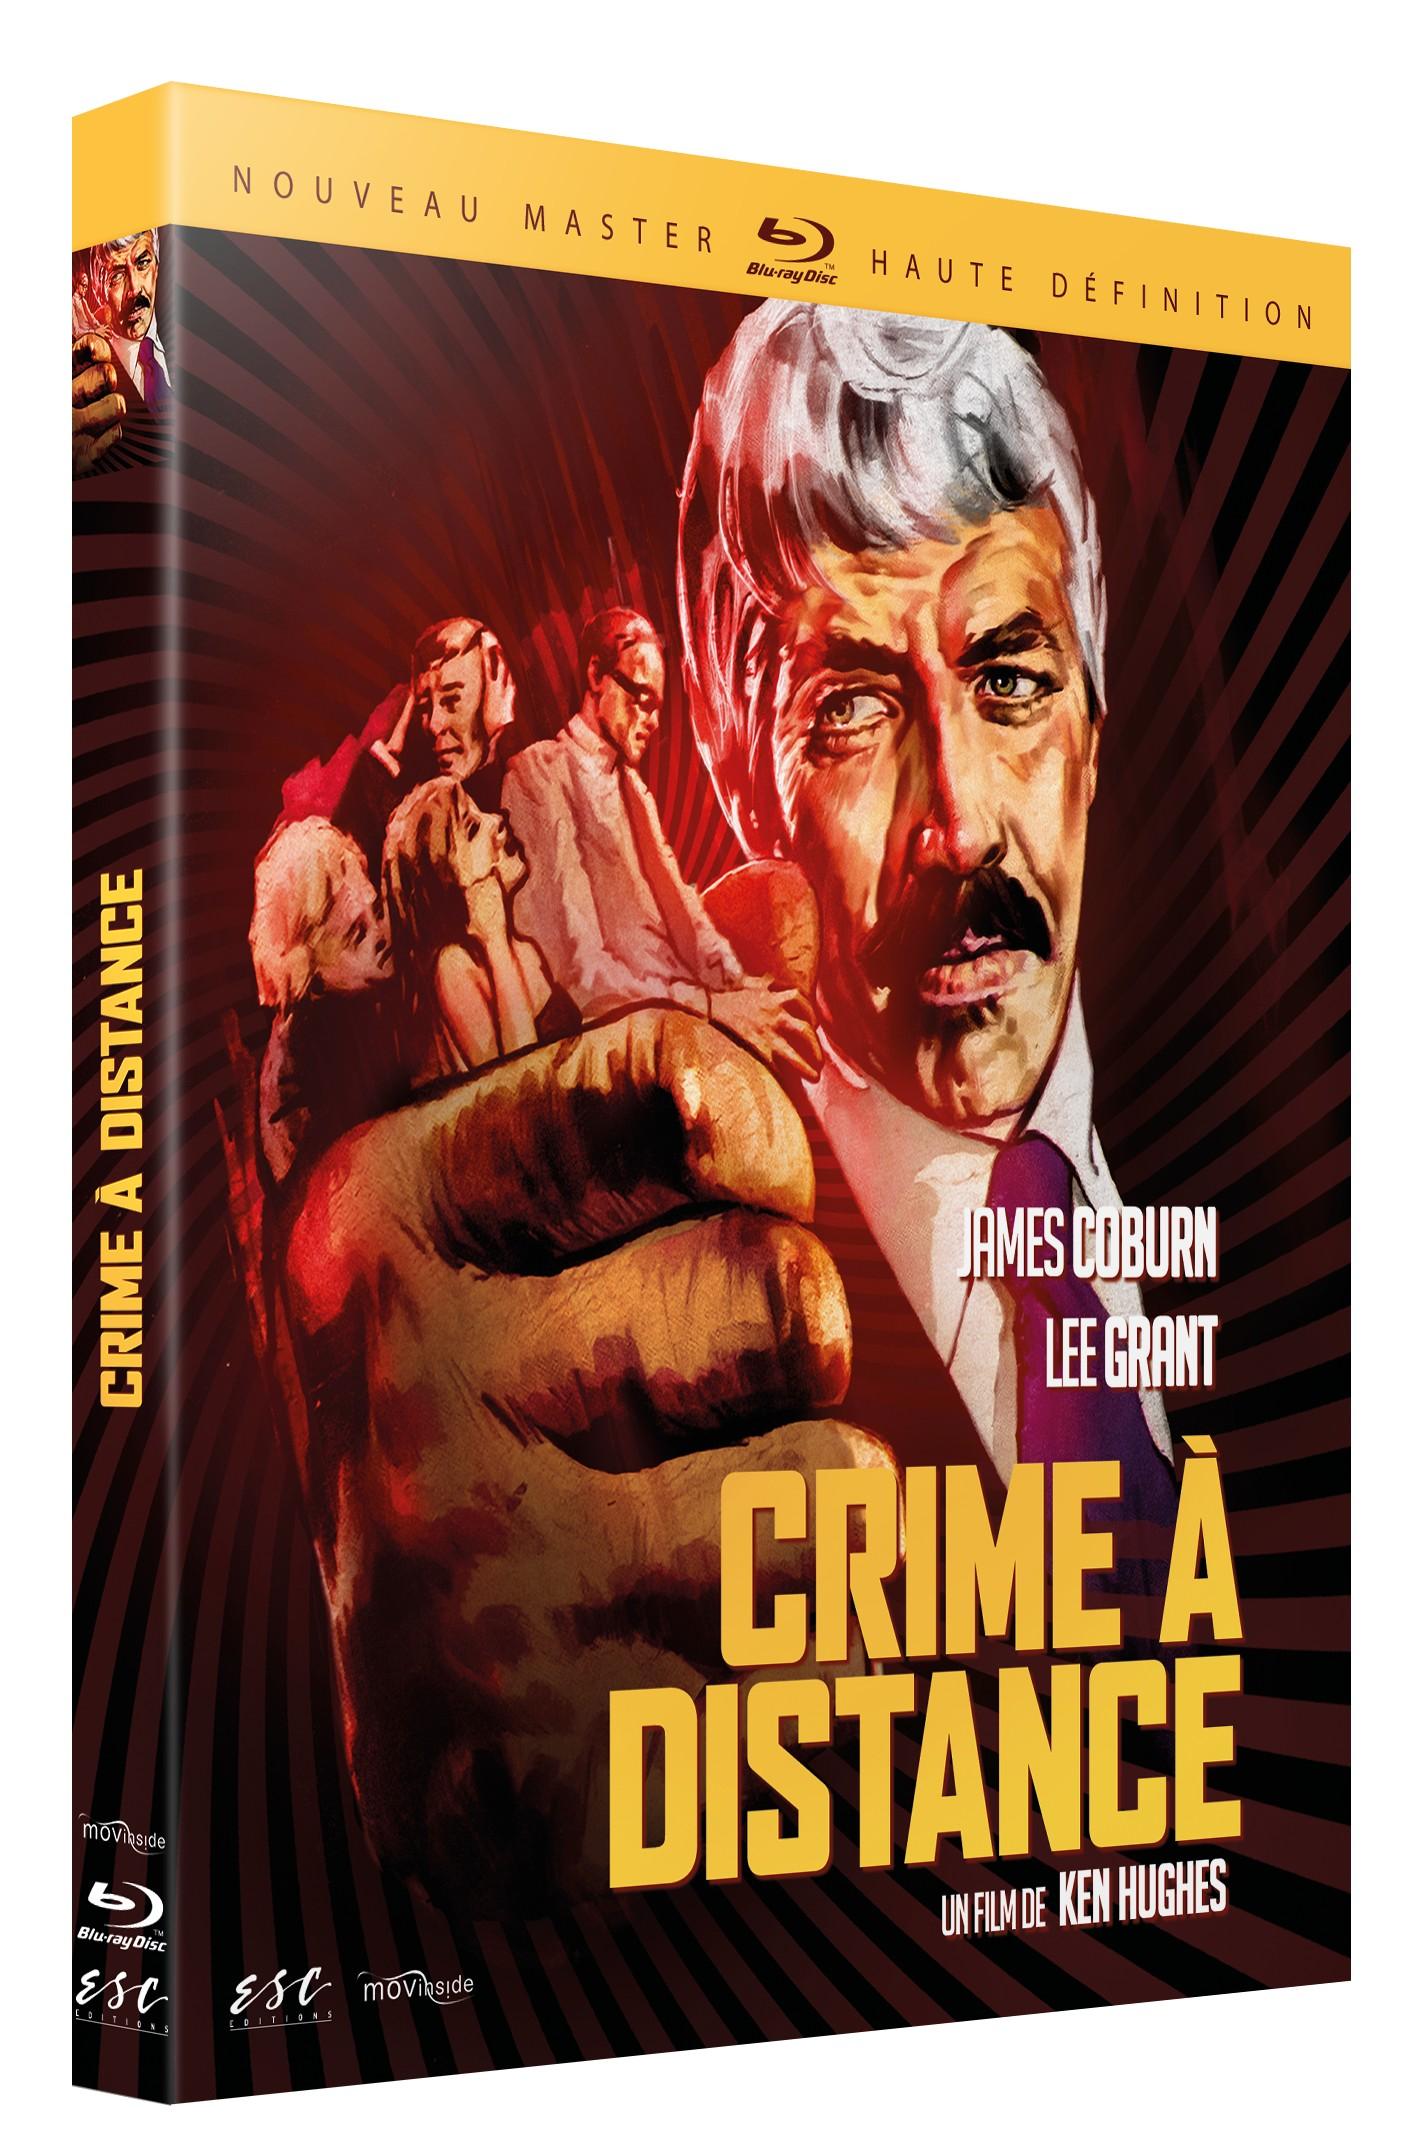 CRIME A DISTANCE - BRD